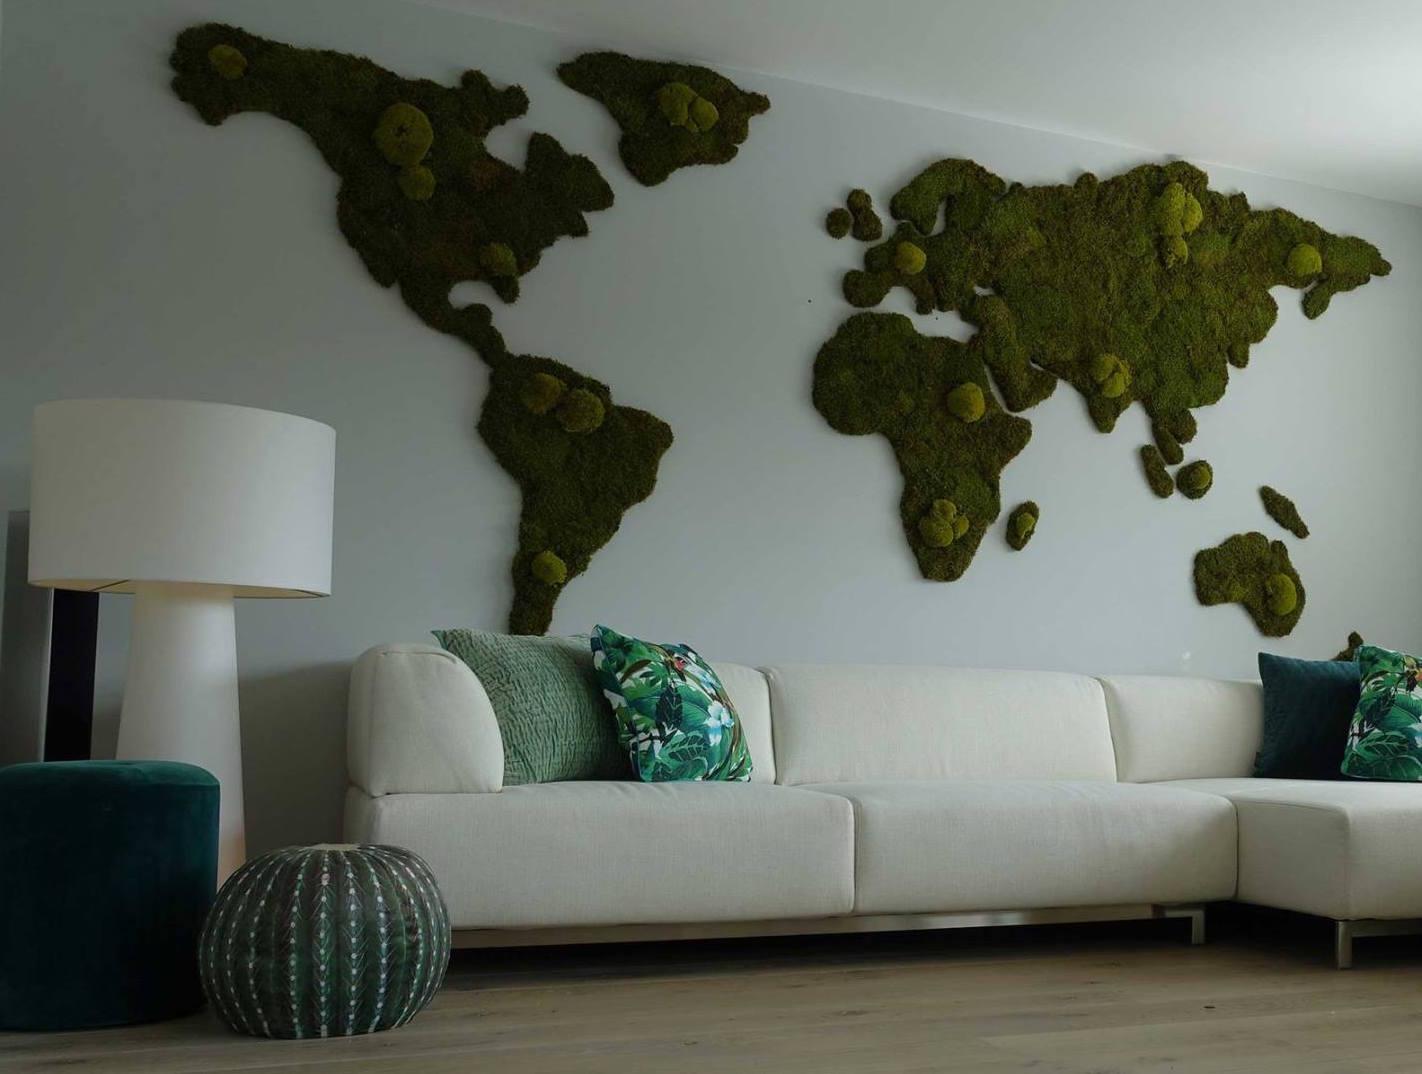 Wereldkaart van mos op de muur! #moswens #wereldkaart #woonideeen